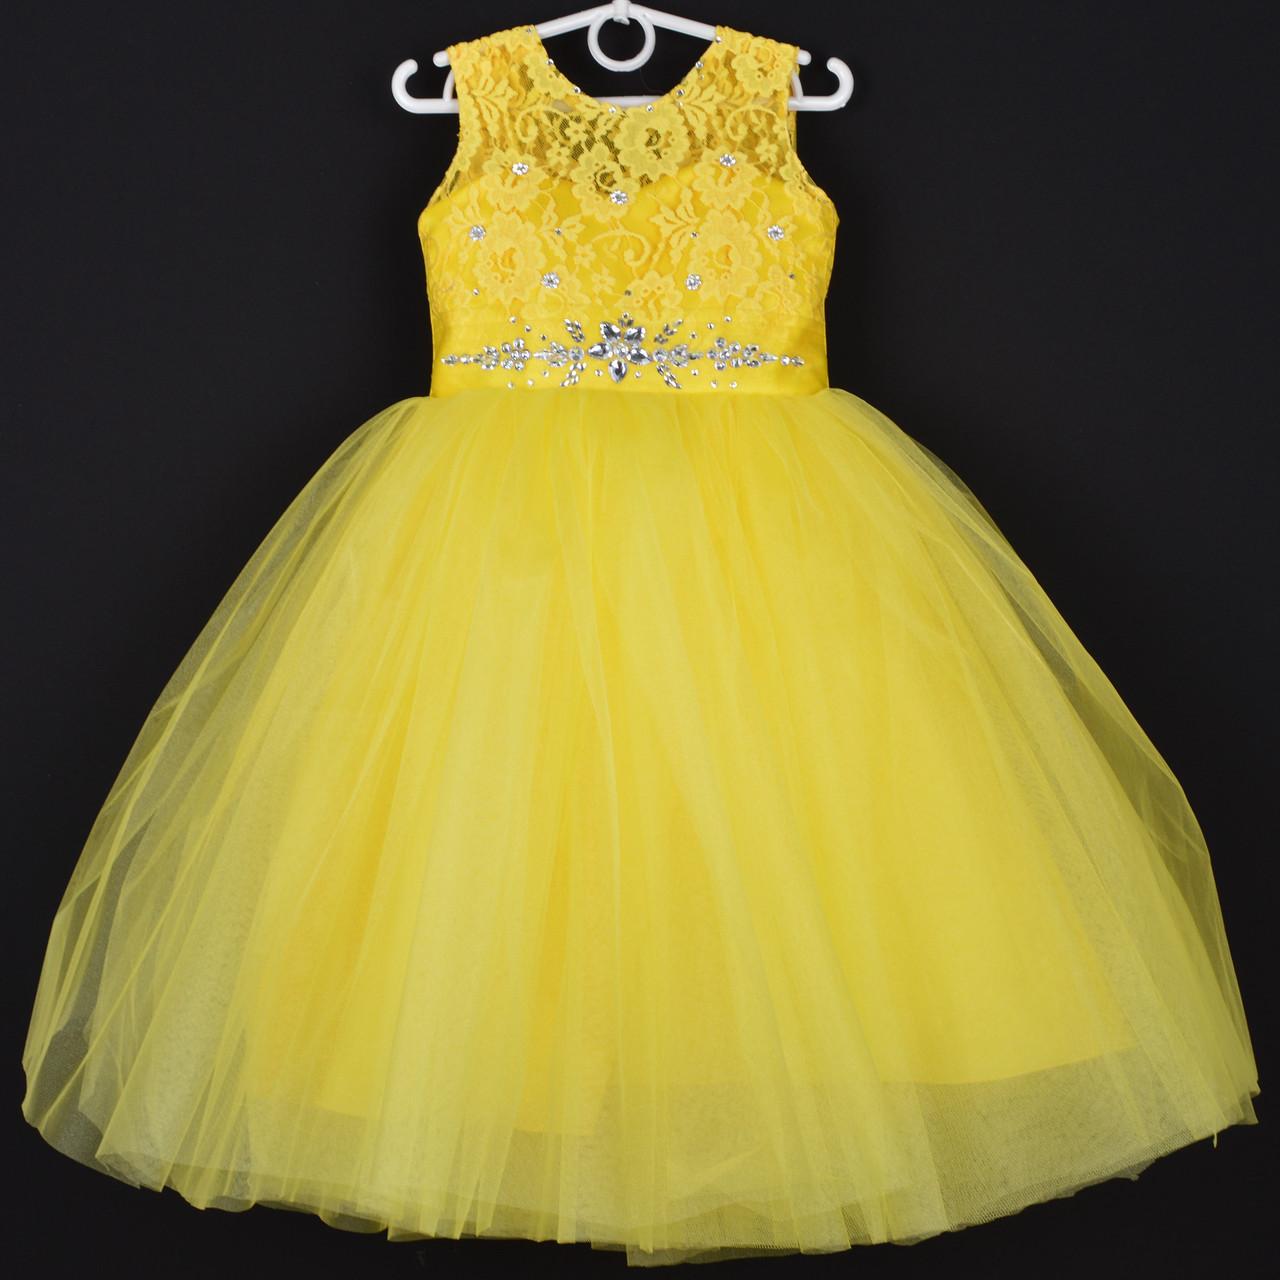 """Платье нарядное детское """"Диадема"""". 5-6  лет. Желтое. Оптом и в розницу"""